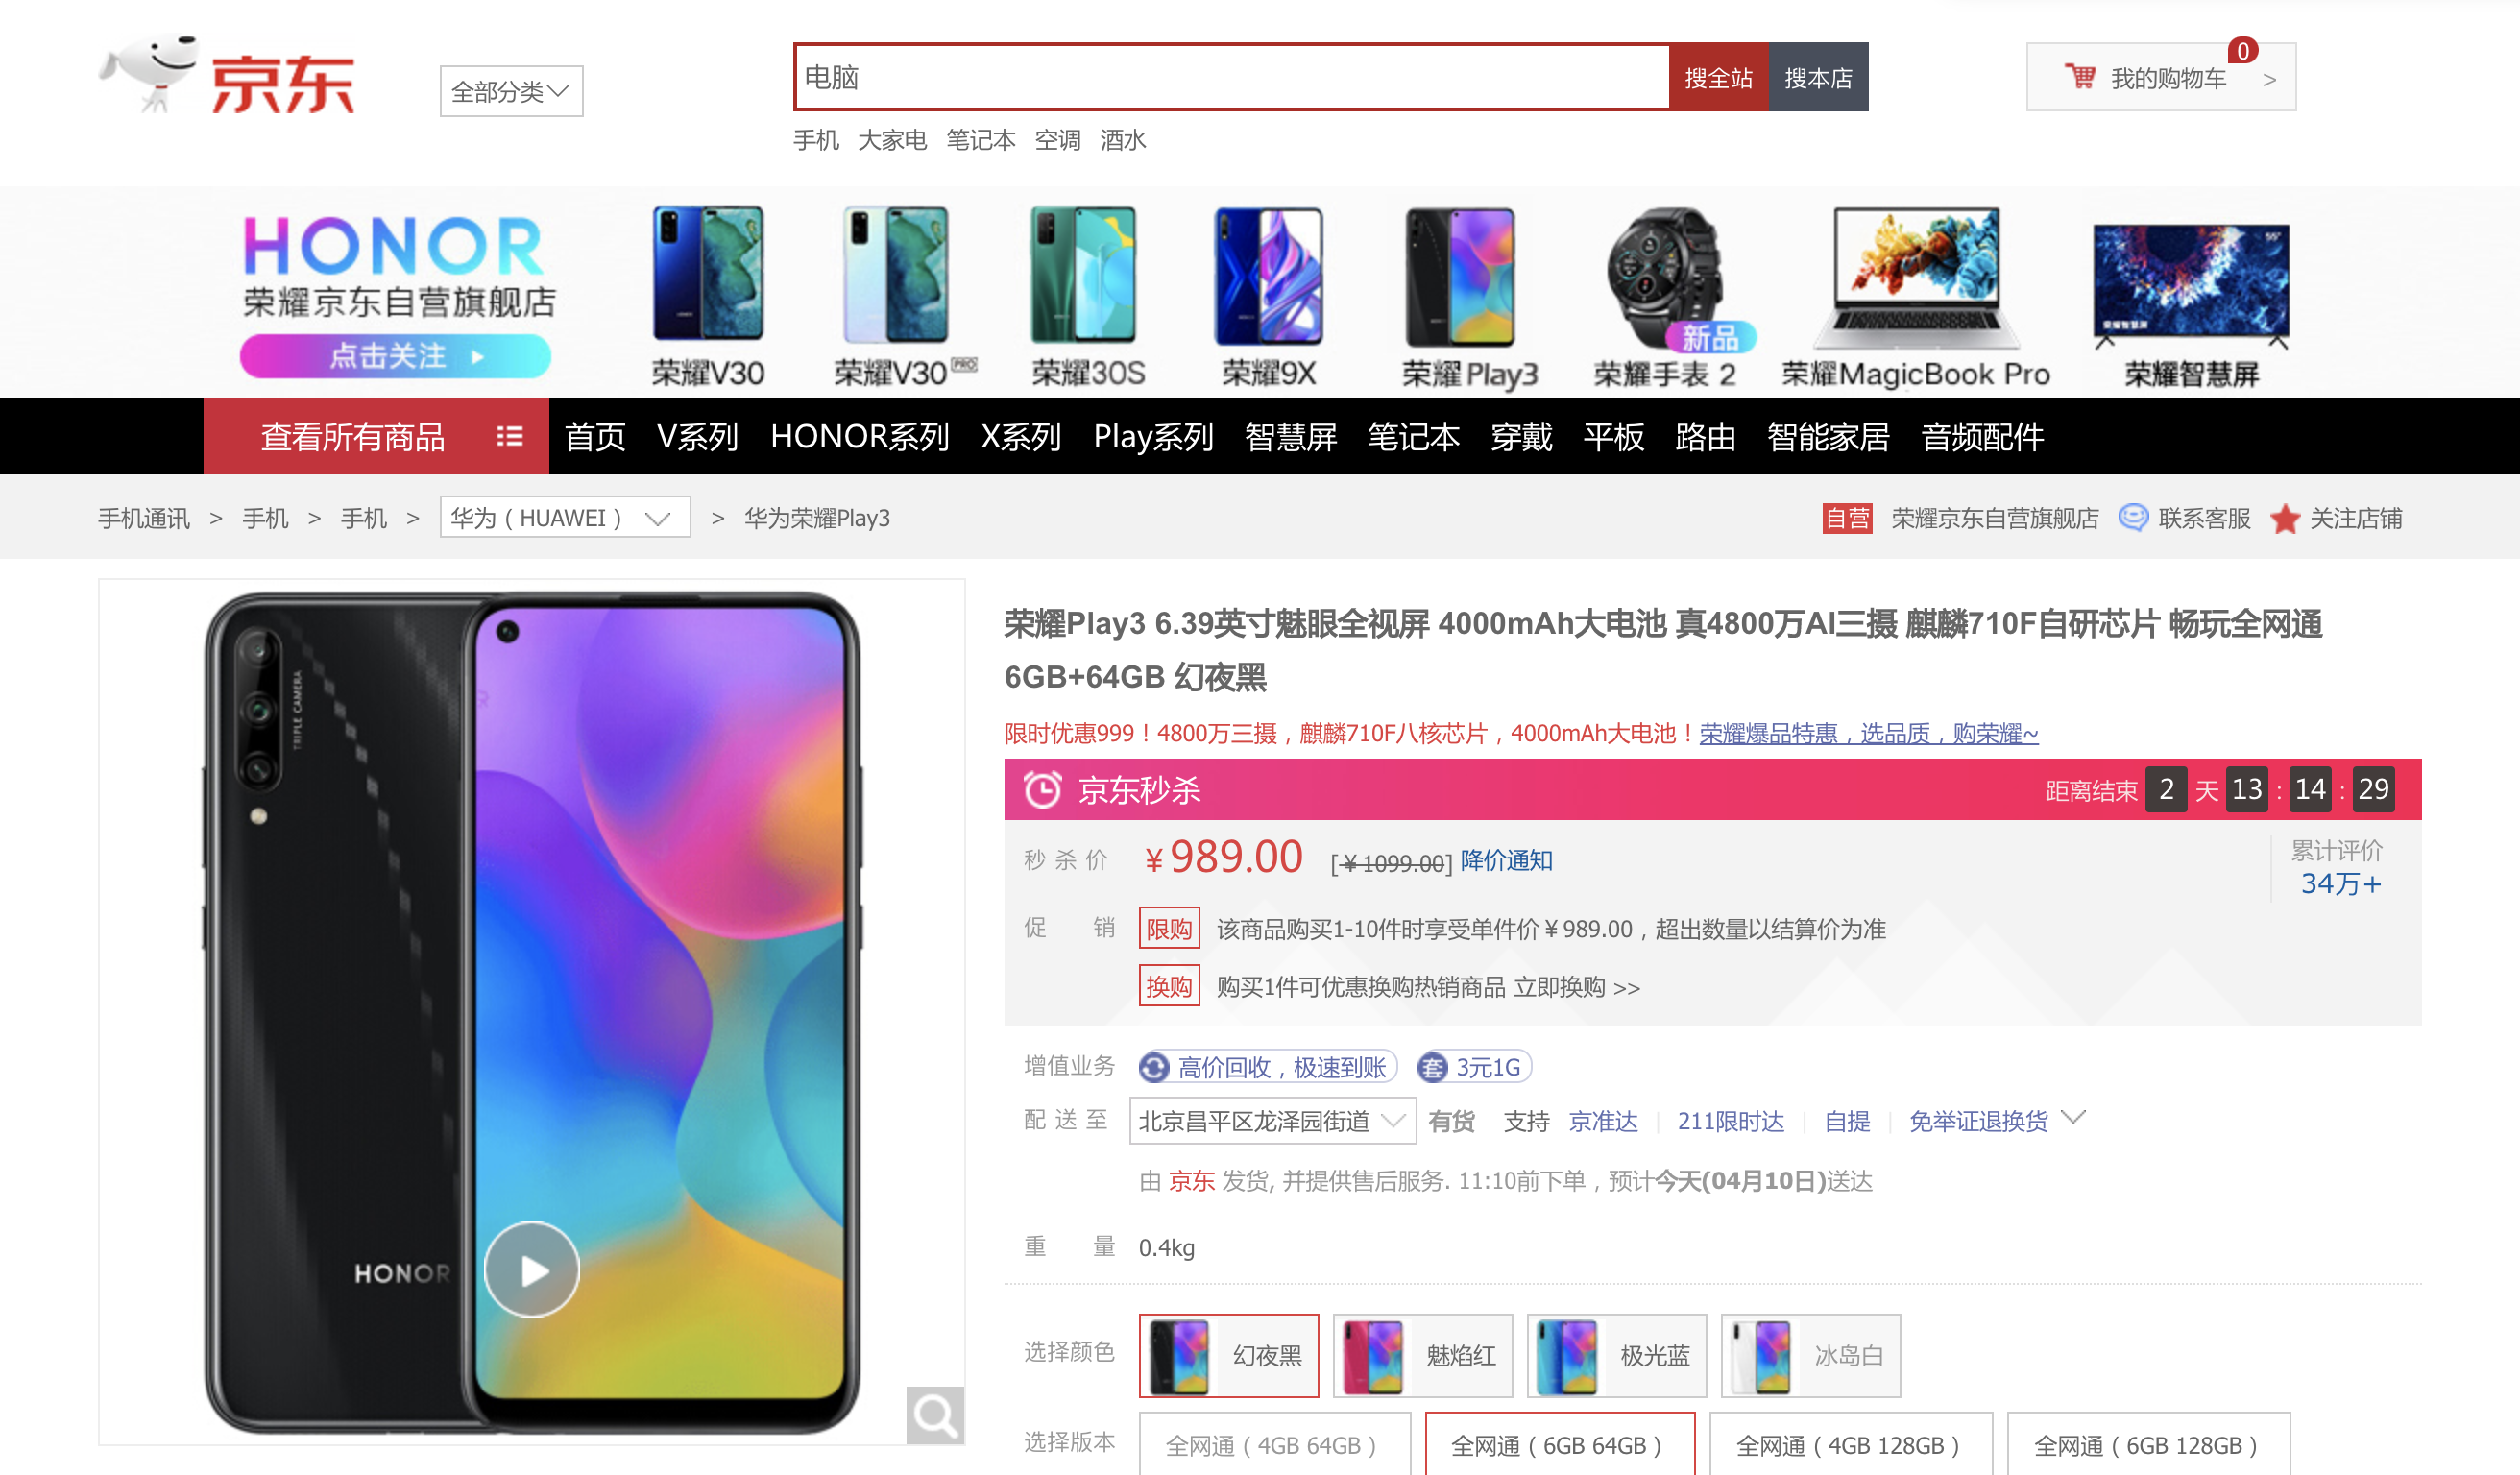 京东手机4月换新季荣耀换新日:荣耀V30 Pro直降